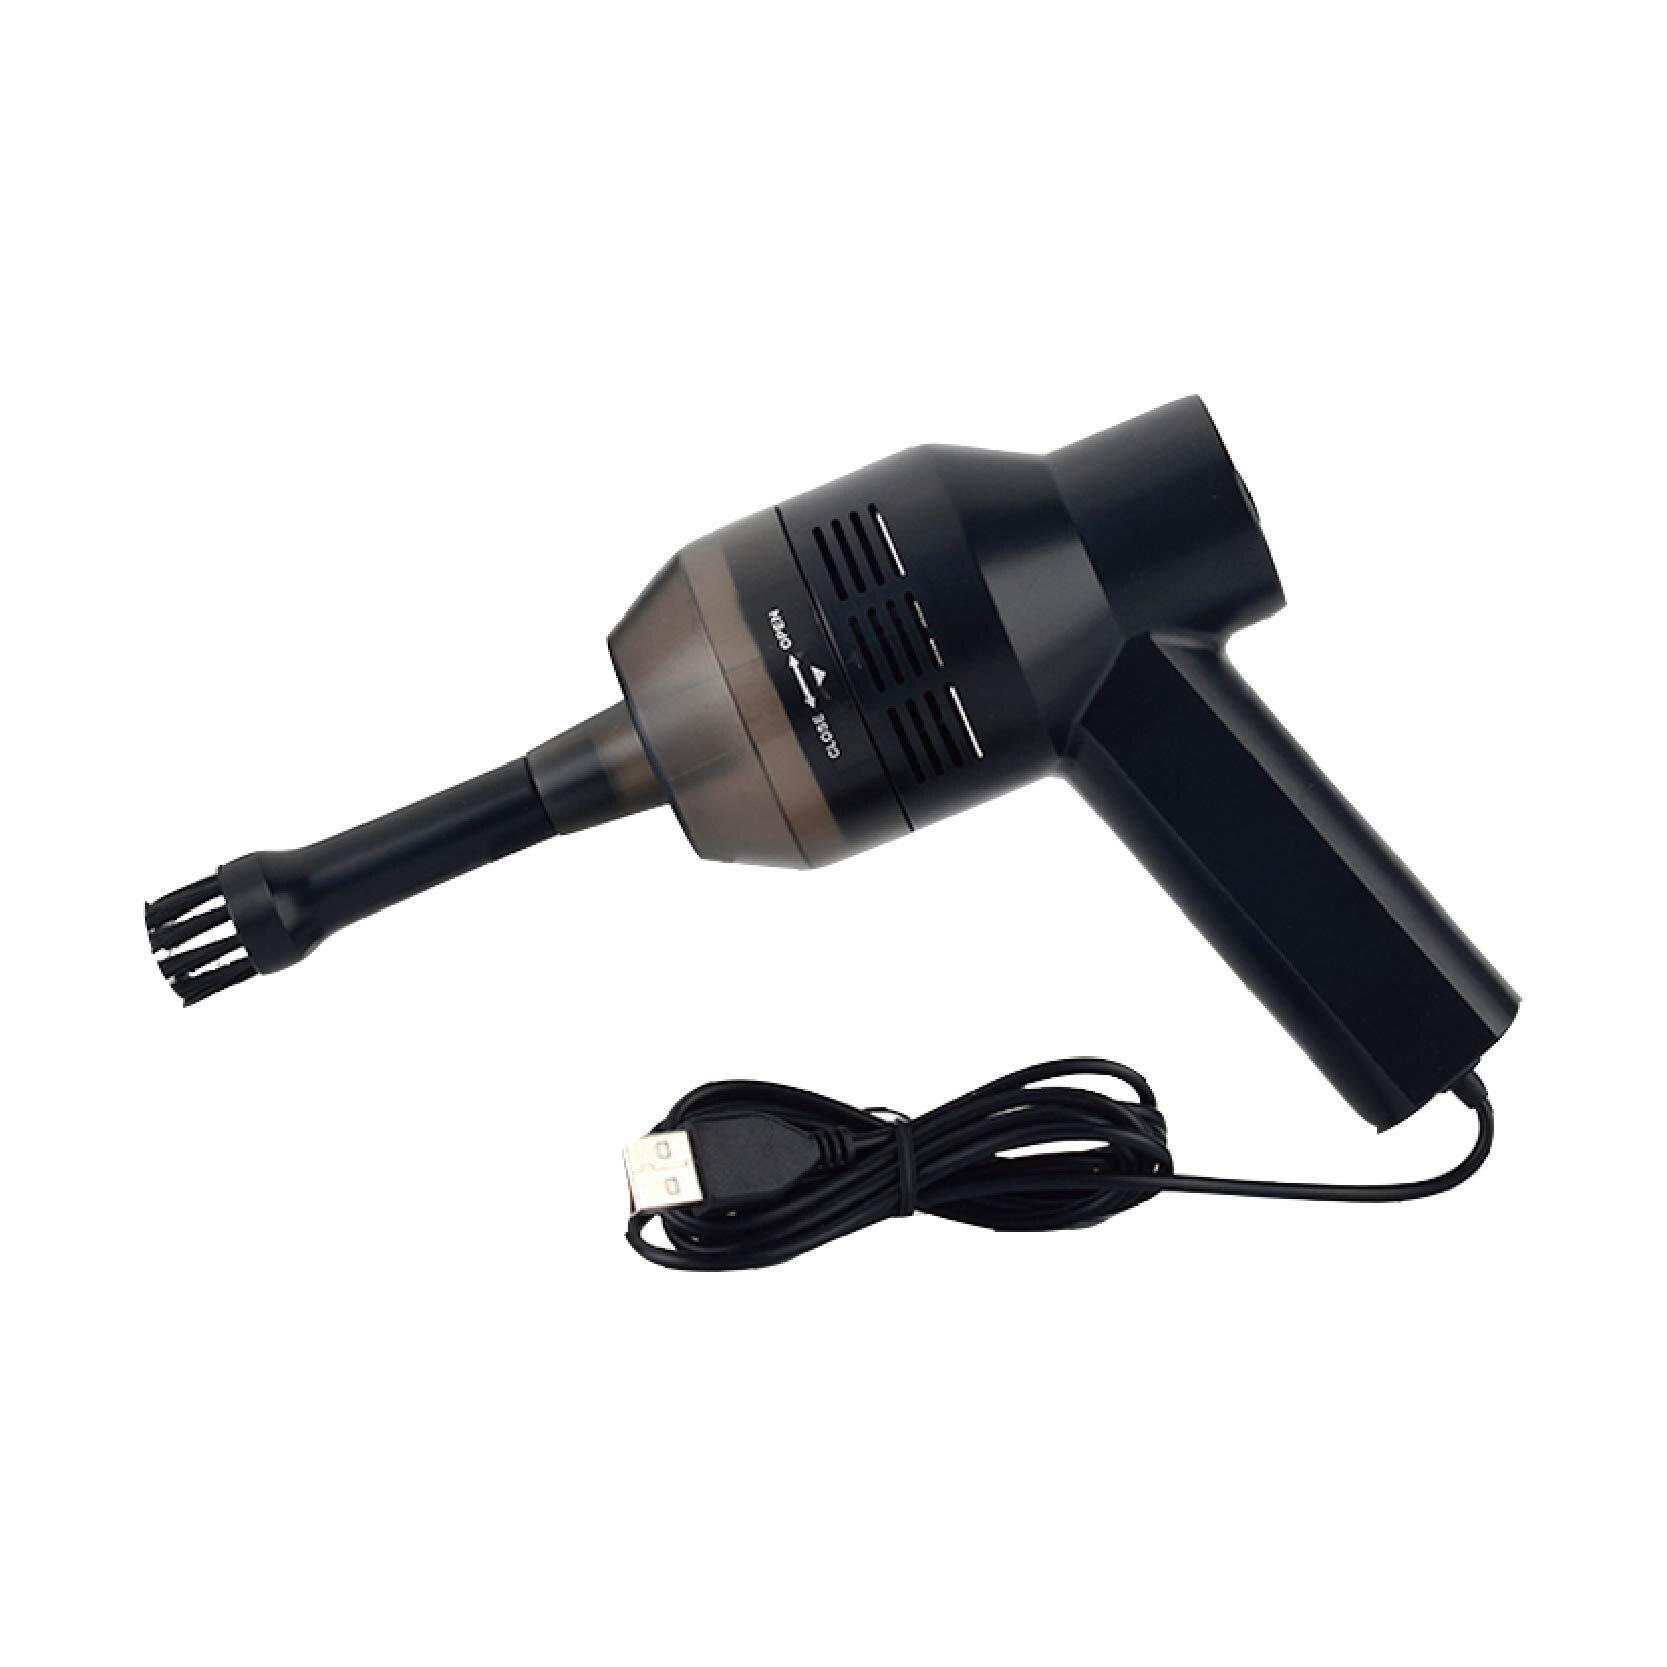 【迷你吸塵器】吸塵器 手持吸塵器 車用吸塵器 強力吸塵器 USB吸塵器 鍵盤吸塵器 迷你吸塵器【AB002】